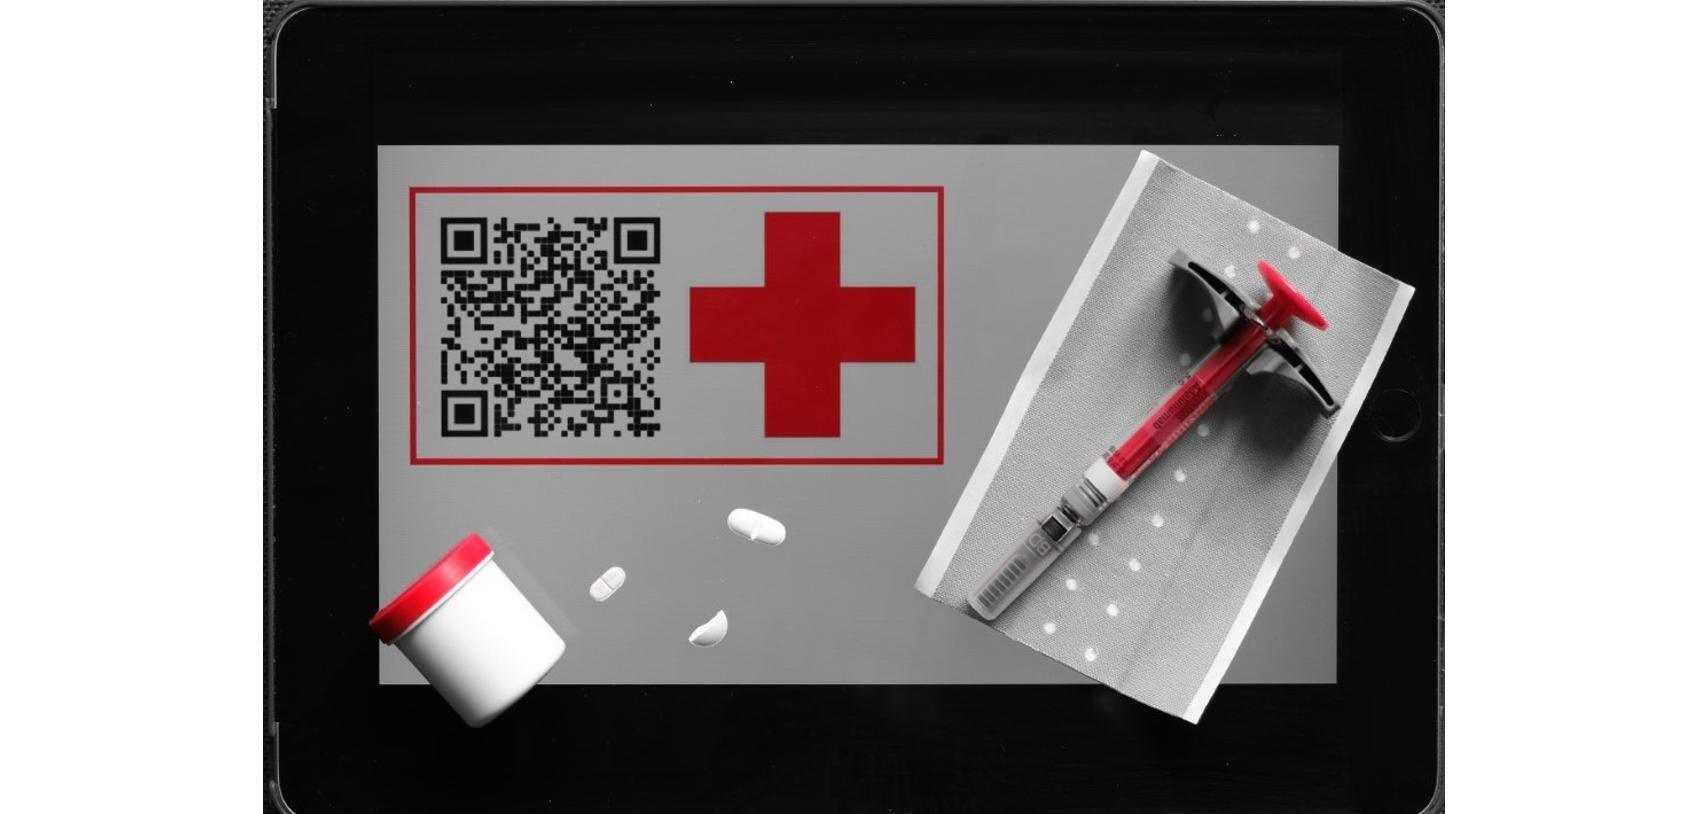 Ein DRK Tablet mit Logo, QR-Code. Darauf liegen einige Tabletten, eine Spritze und ein Pflaster.